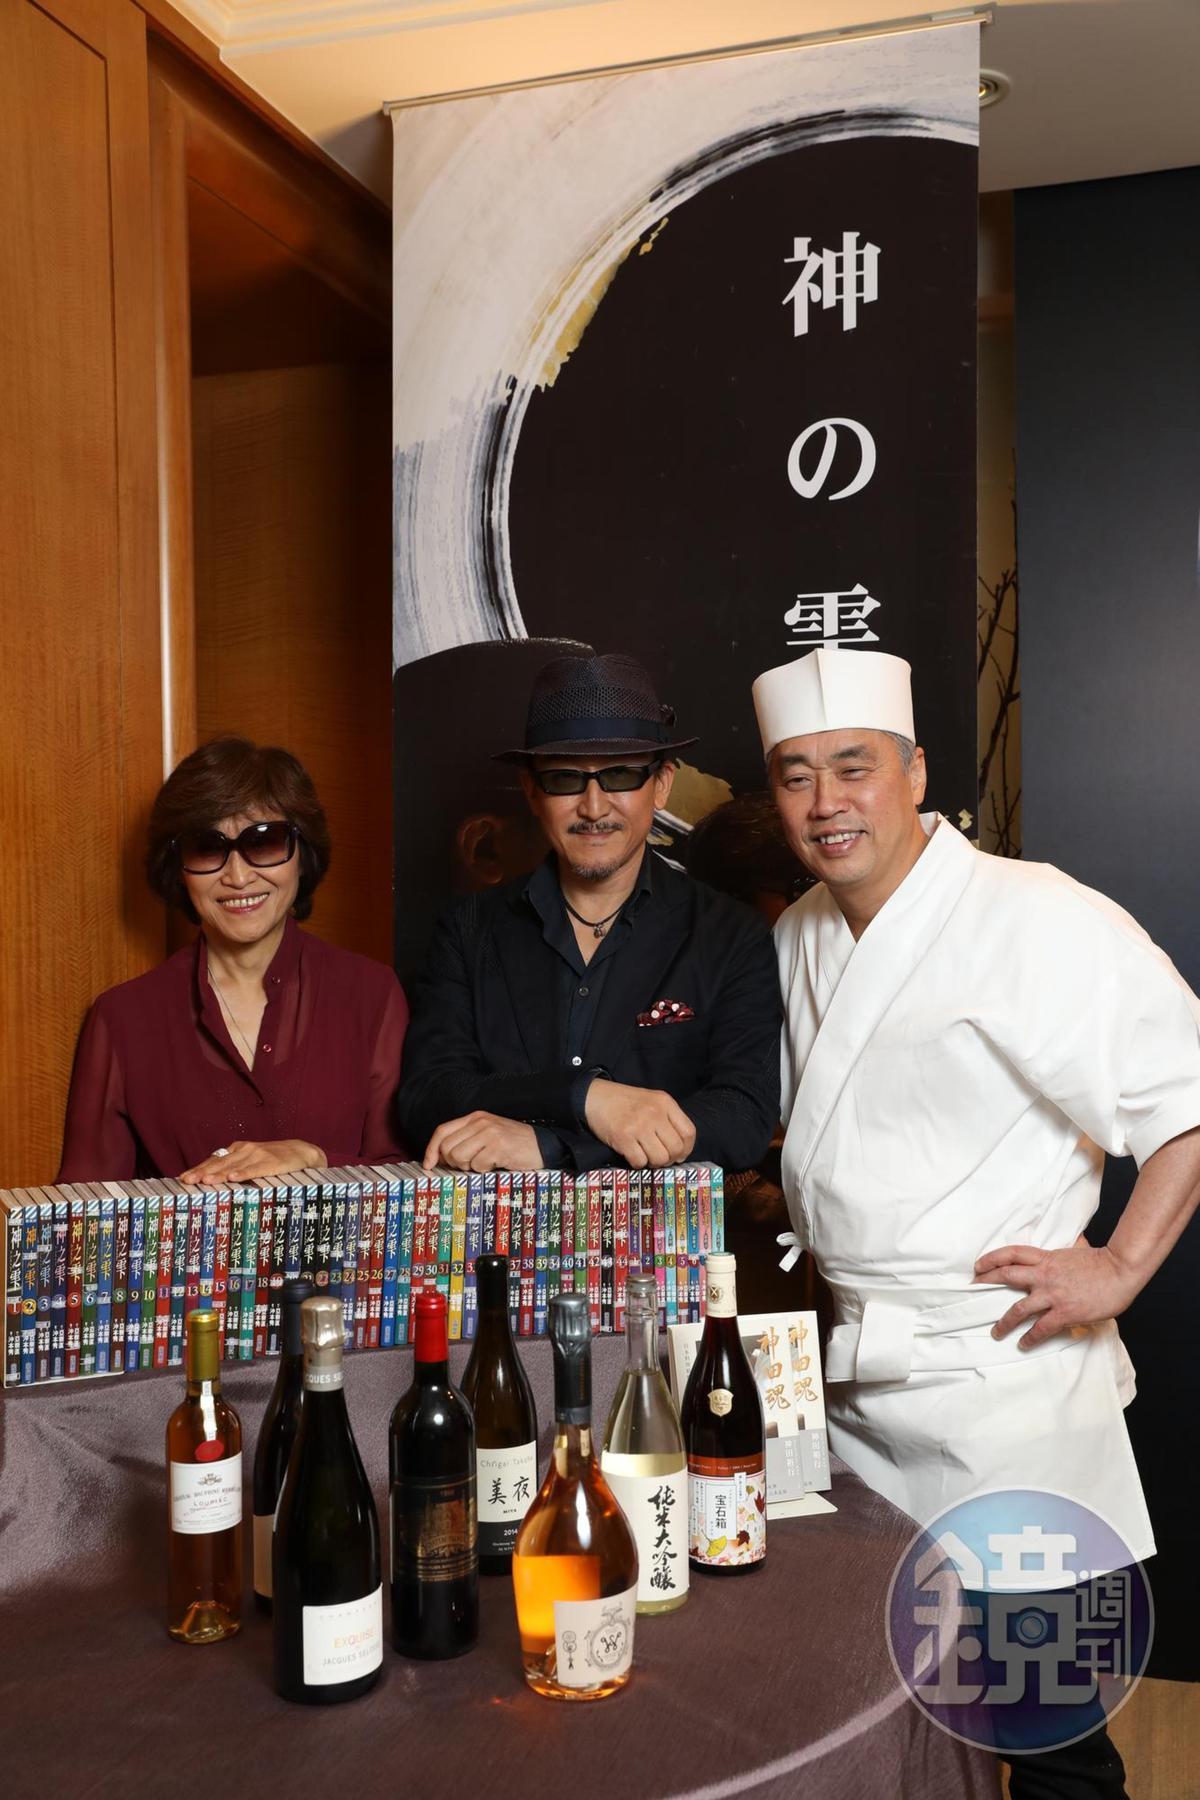 《神之雫》酒款搭配名廚神田裕行的料理,為全球首見的難得盛宴。